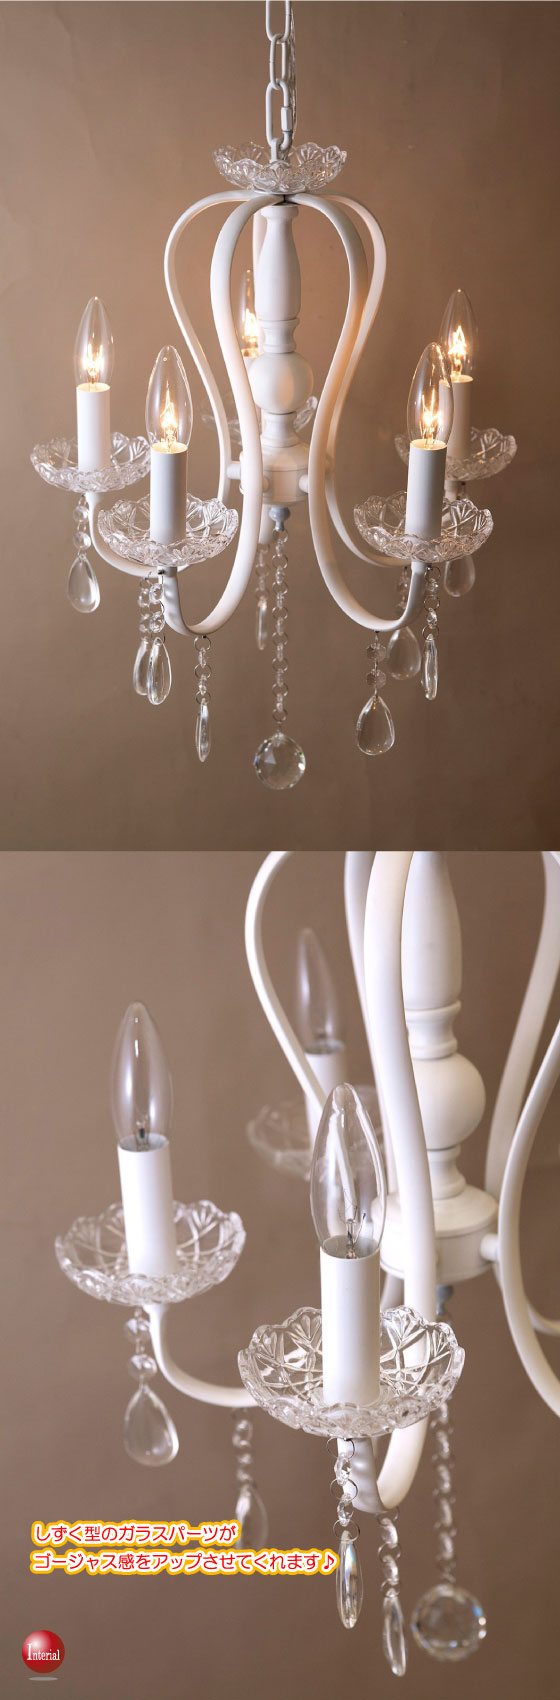 シンプルデザイン・5灯シャンデリア(LED電球対応)ホワイト